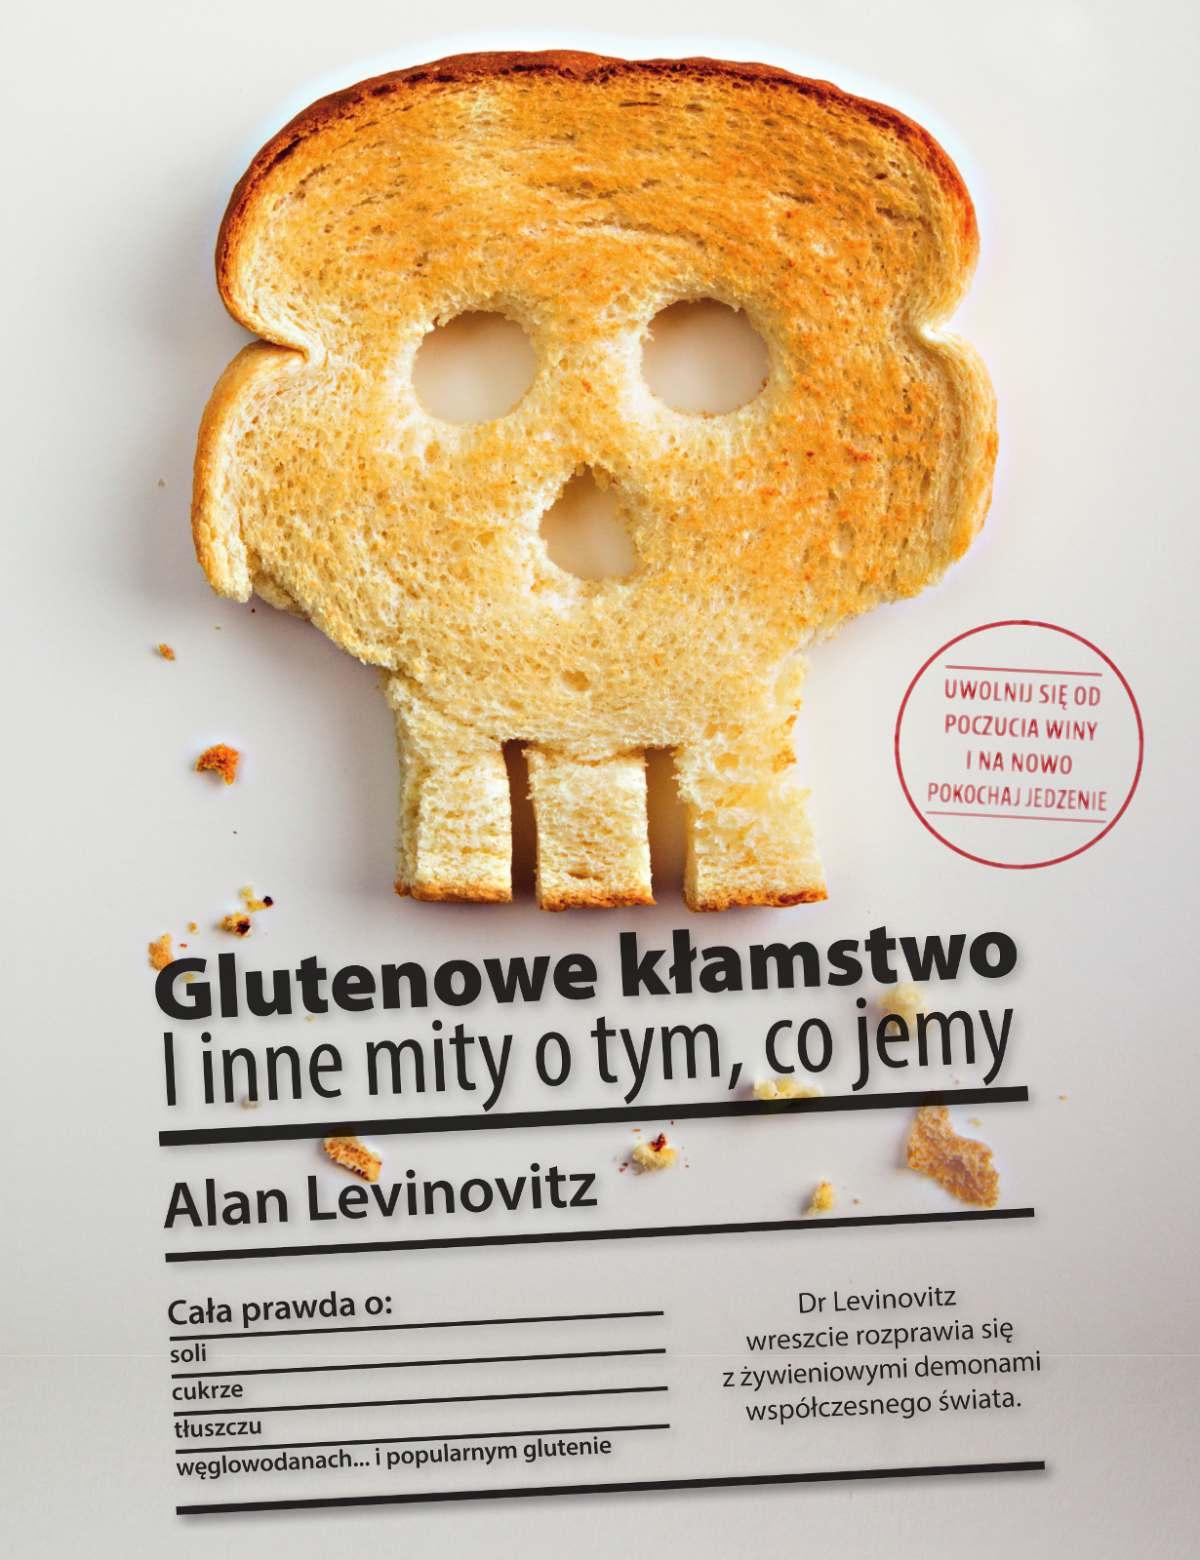 Glutenowe kłamstwo. I inne mity o tym, co jemy - Ebook (Książka na Kindle) do pobrania w formacie MOBI